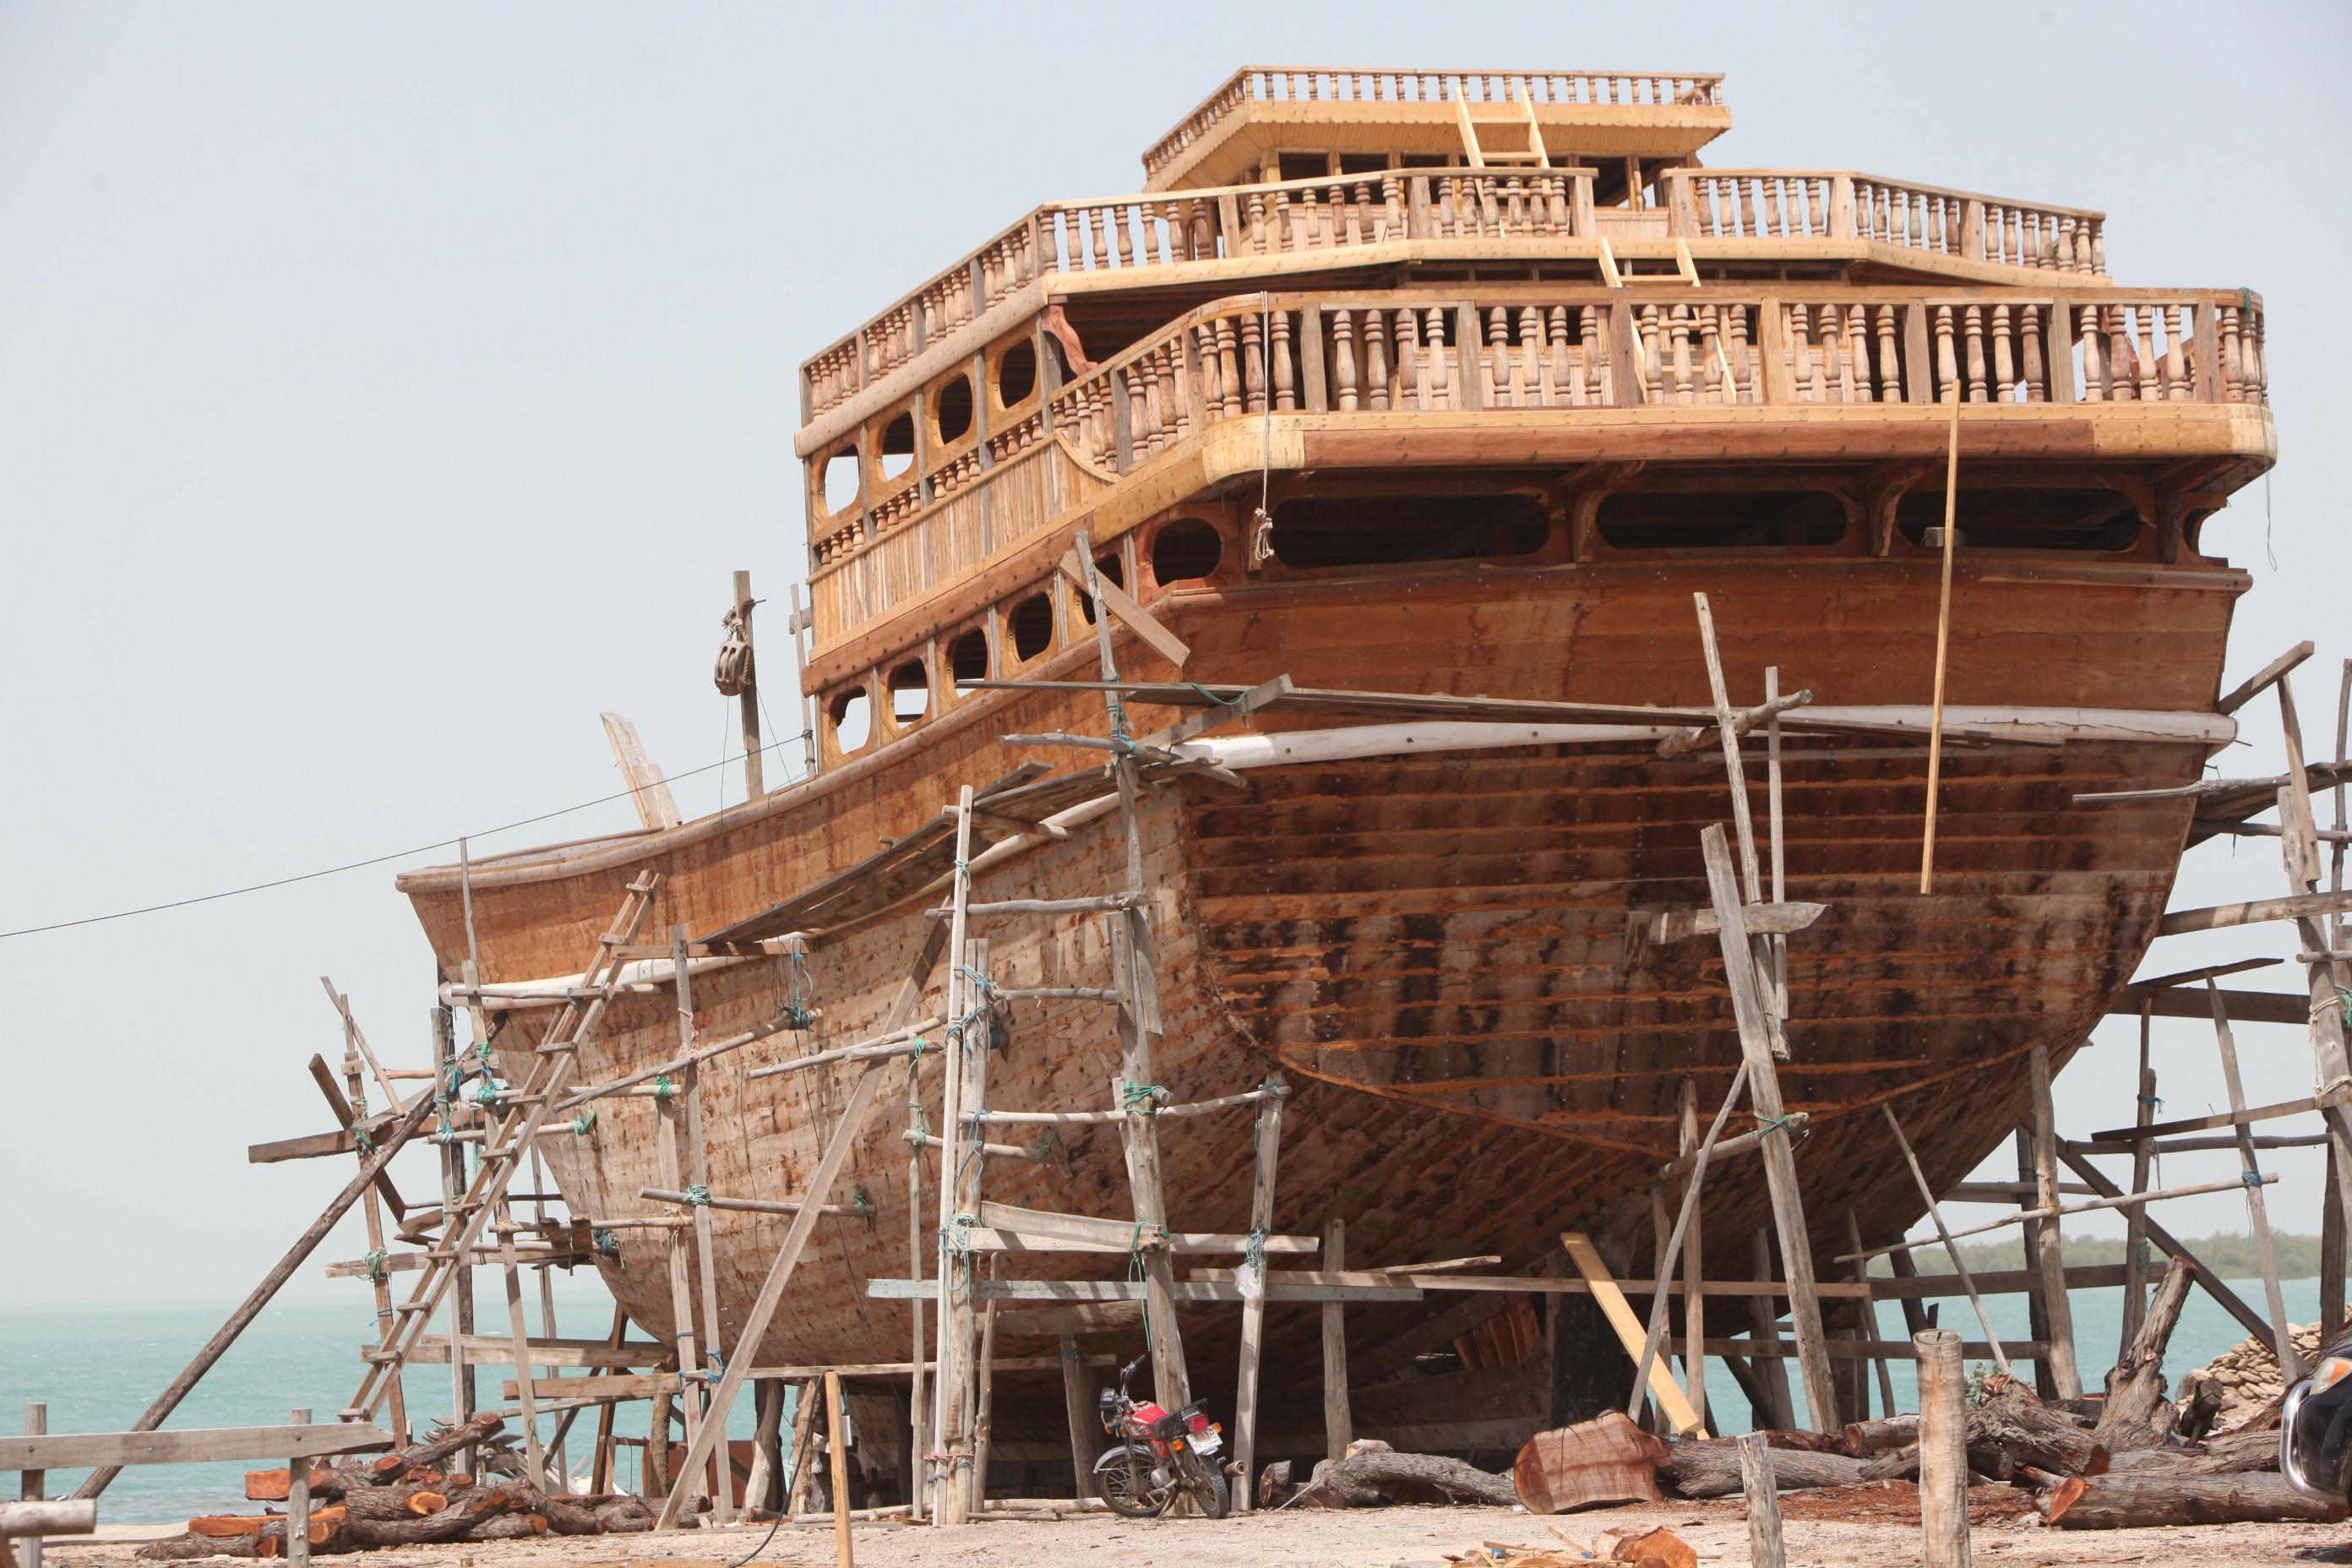 島内には、木造船の造船所が立地しています。木造船の製造・操舵の技術は、UNESCOの無形文化遺産に指定されています。